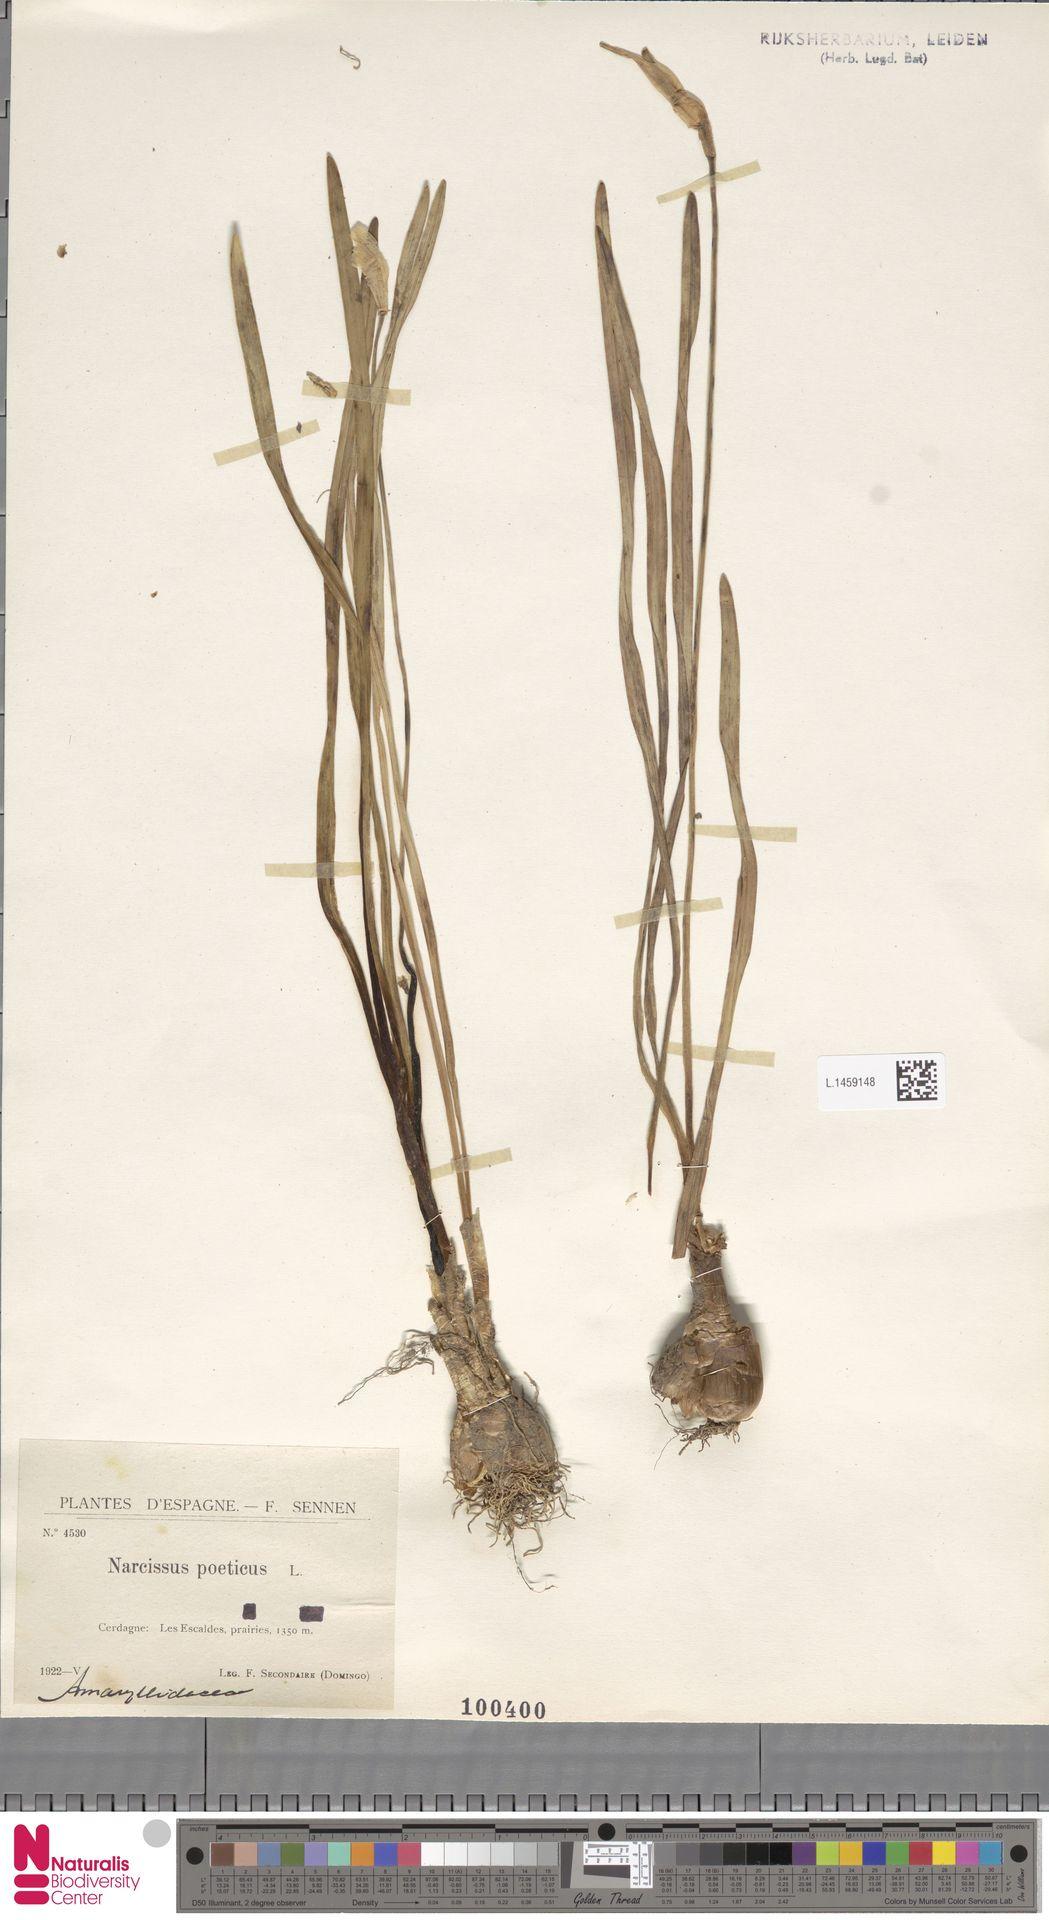 L.1459148   Narcissus poeticus L.